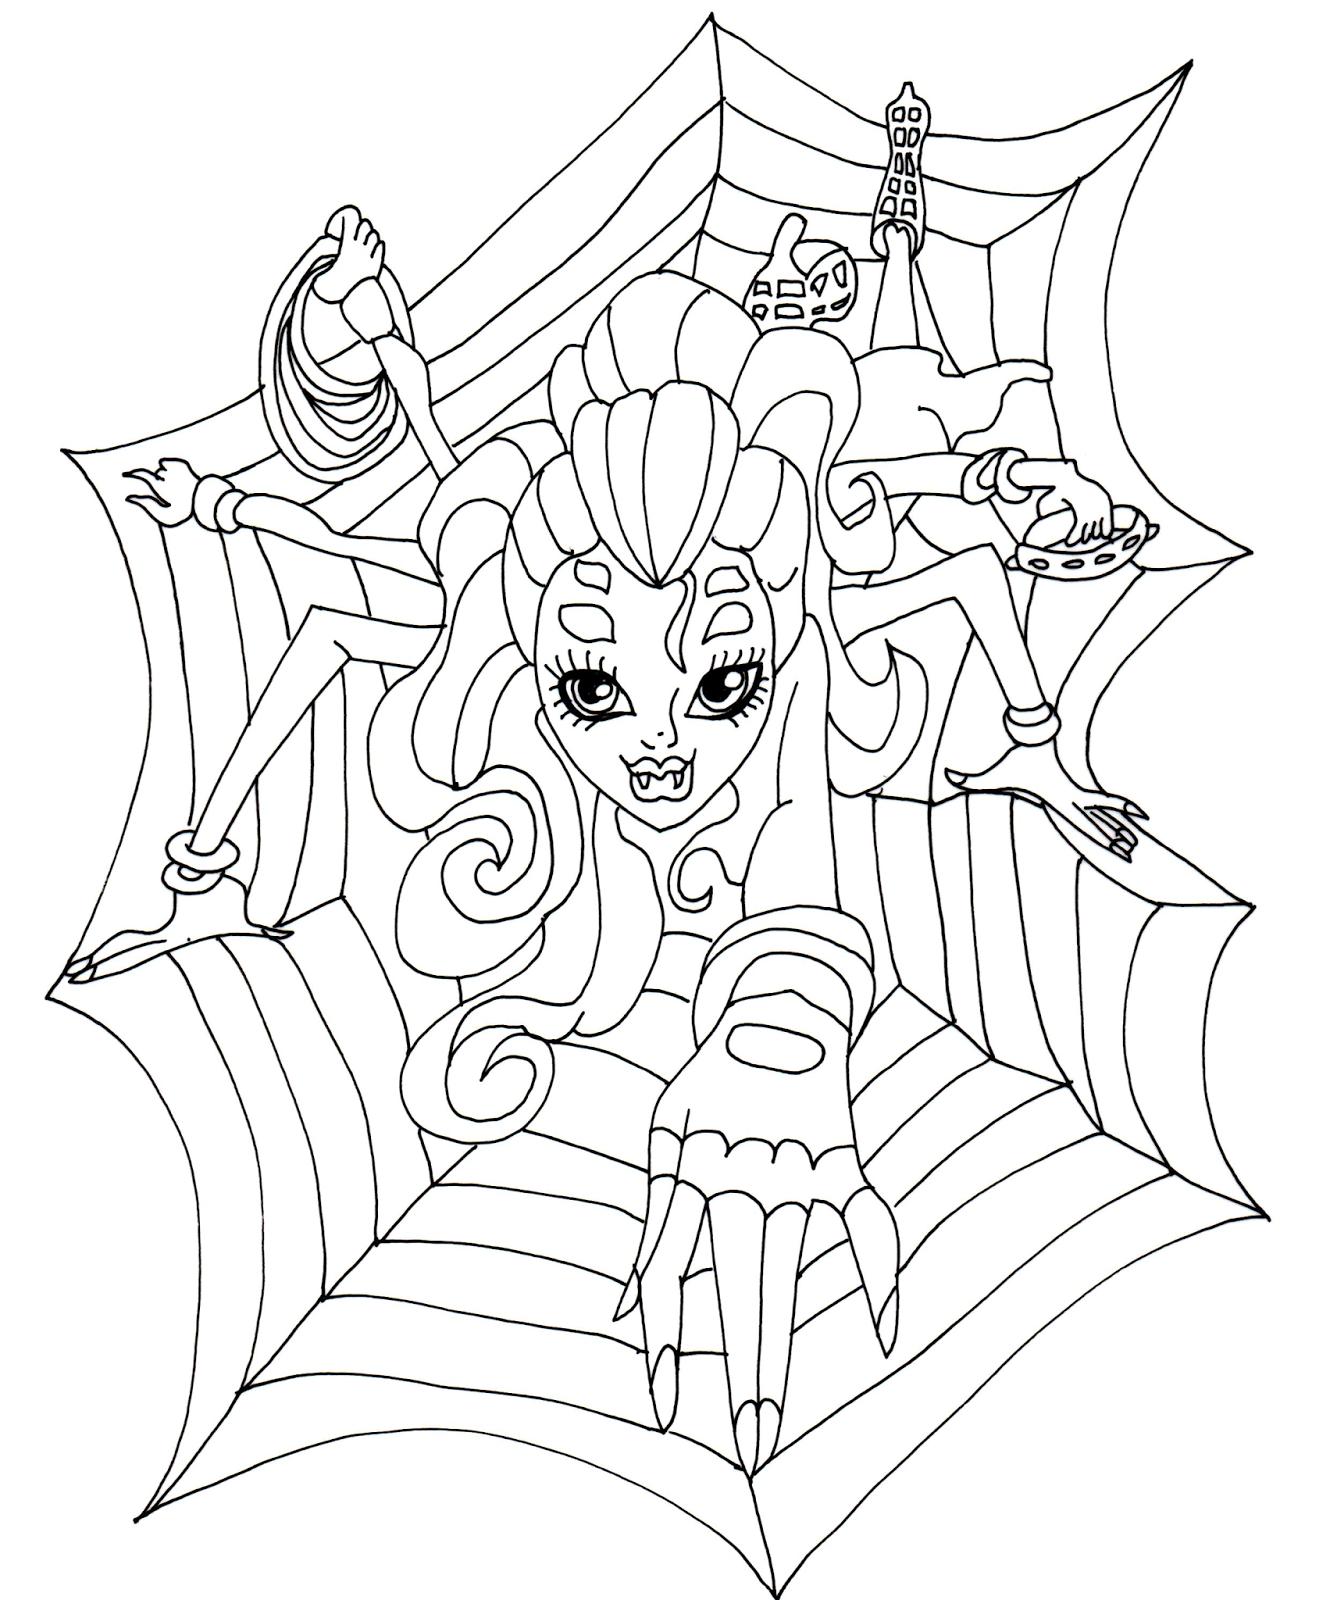 Webarella Coloring Page Png 1330 1600 No Baby Megan Mermaid Coloring Pages Witch Coloring Pages Unicorn Coloring Pages